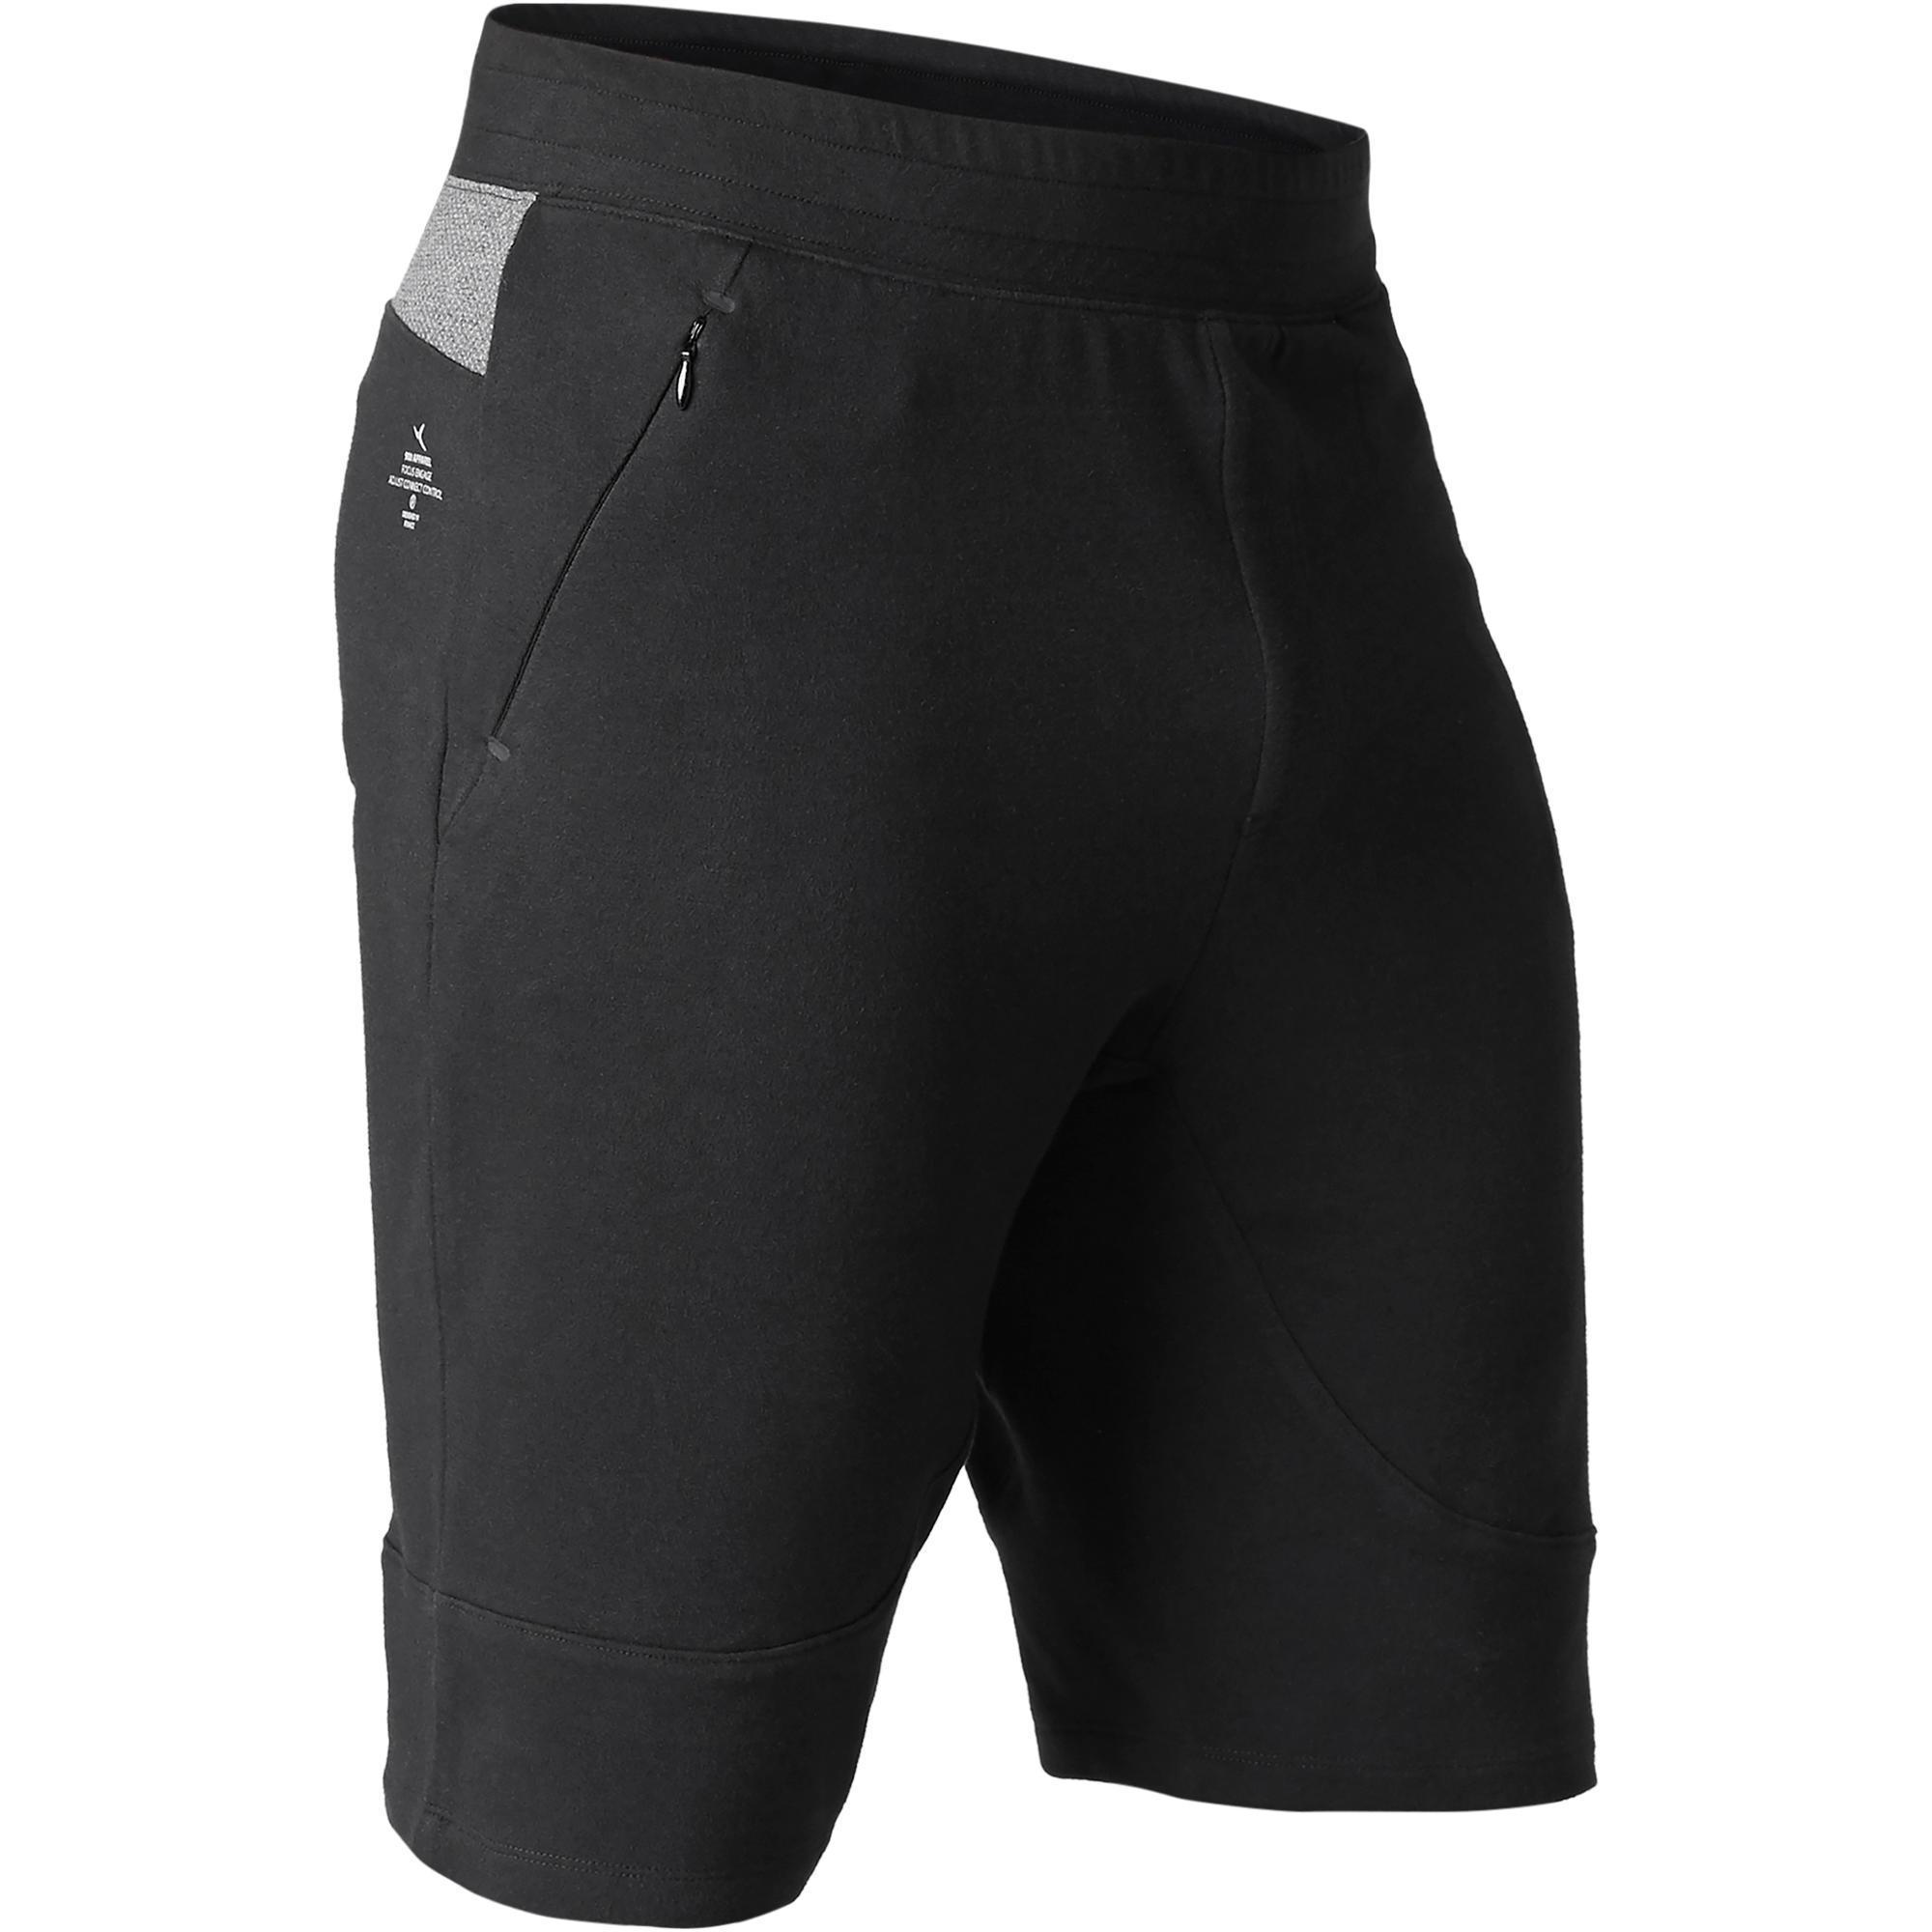 prix modéré chaussures décontractées prix raisonnable Shorts de fitness cardio homme | Decathlon